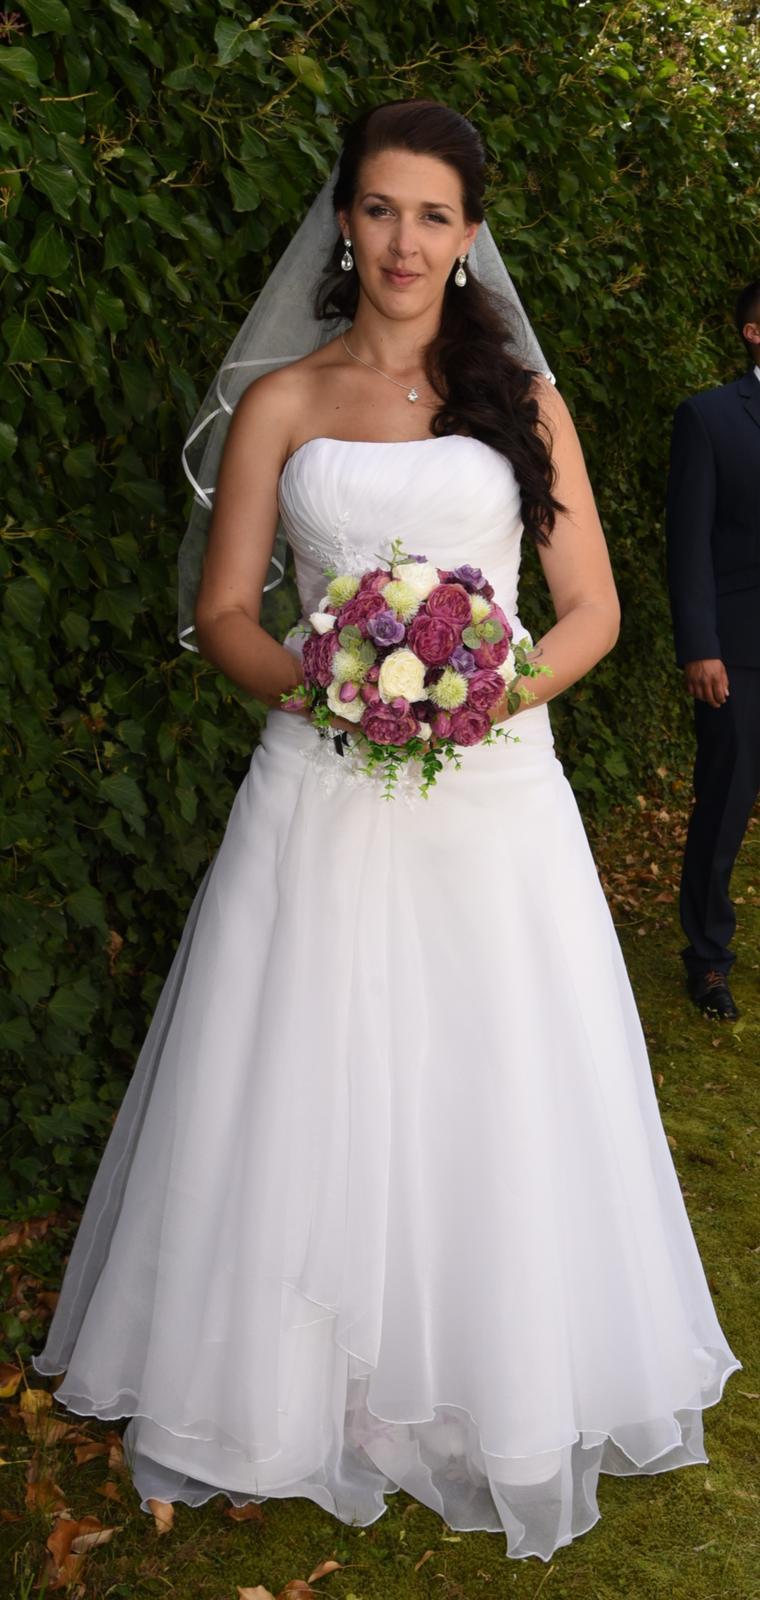 svatební šaty + závoj + bolerko - Obrázek č. 4